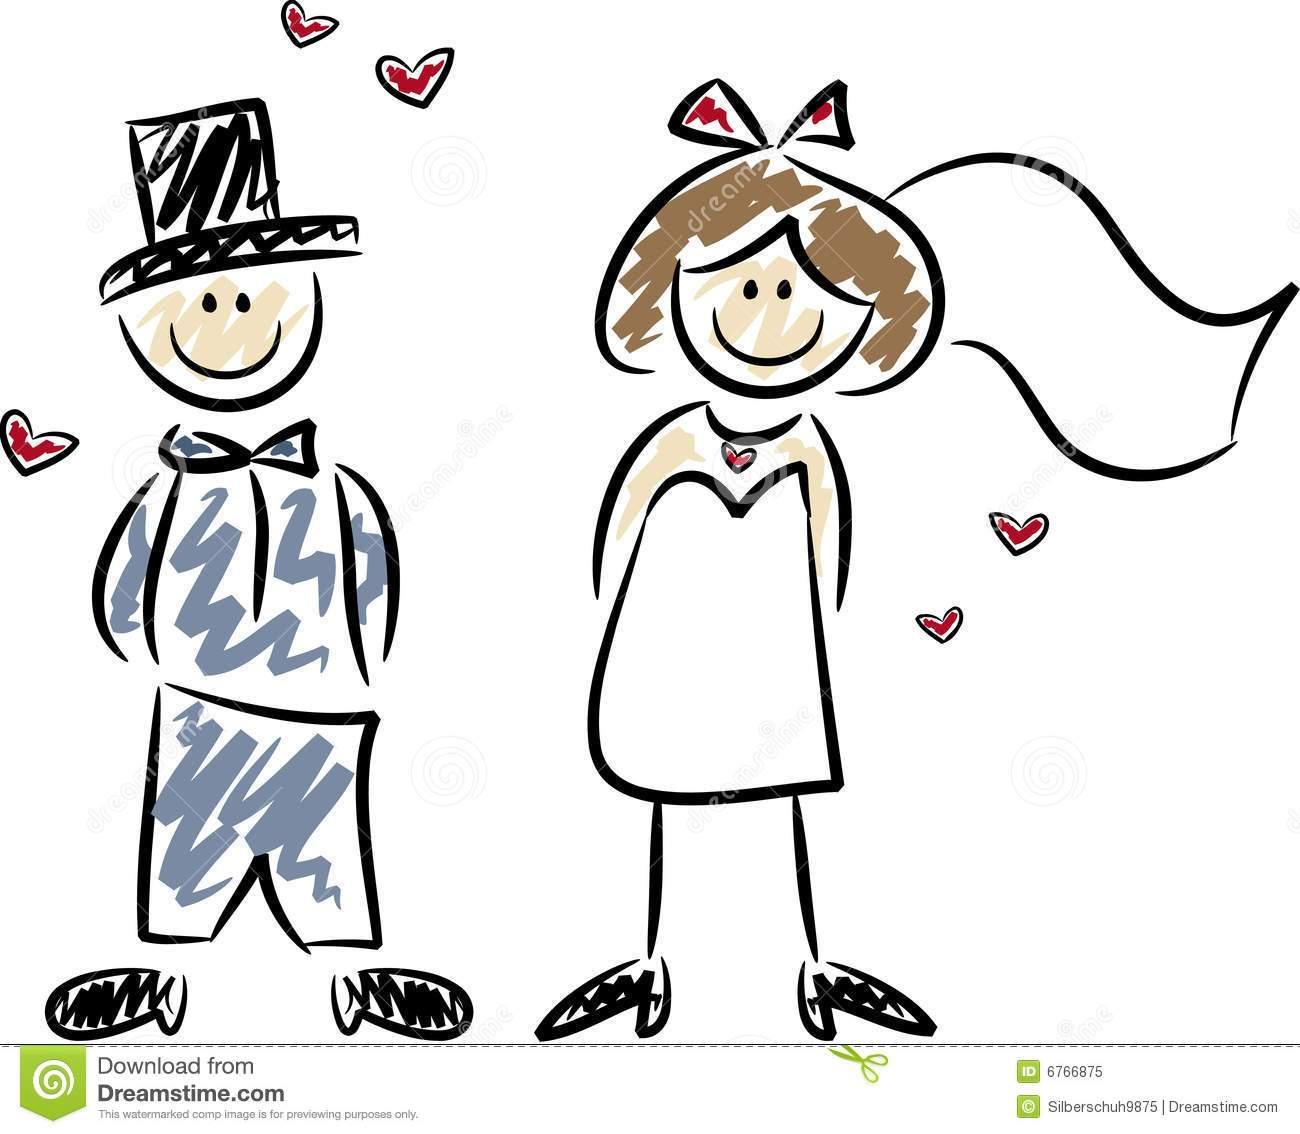 Cute wedding clipart free 2 » Clipart Portal.